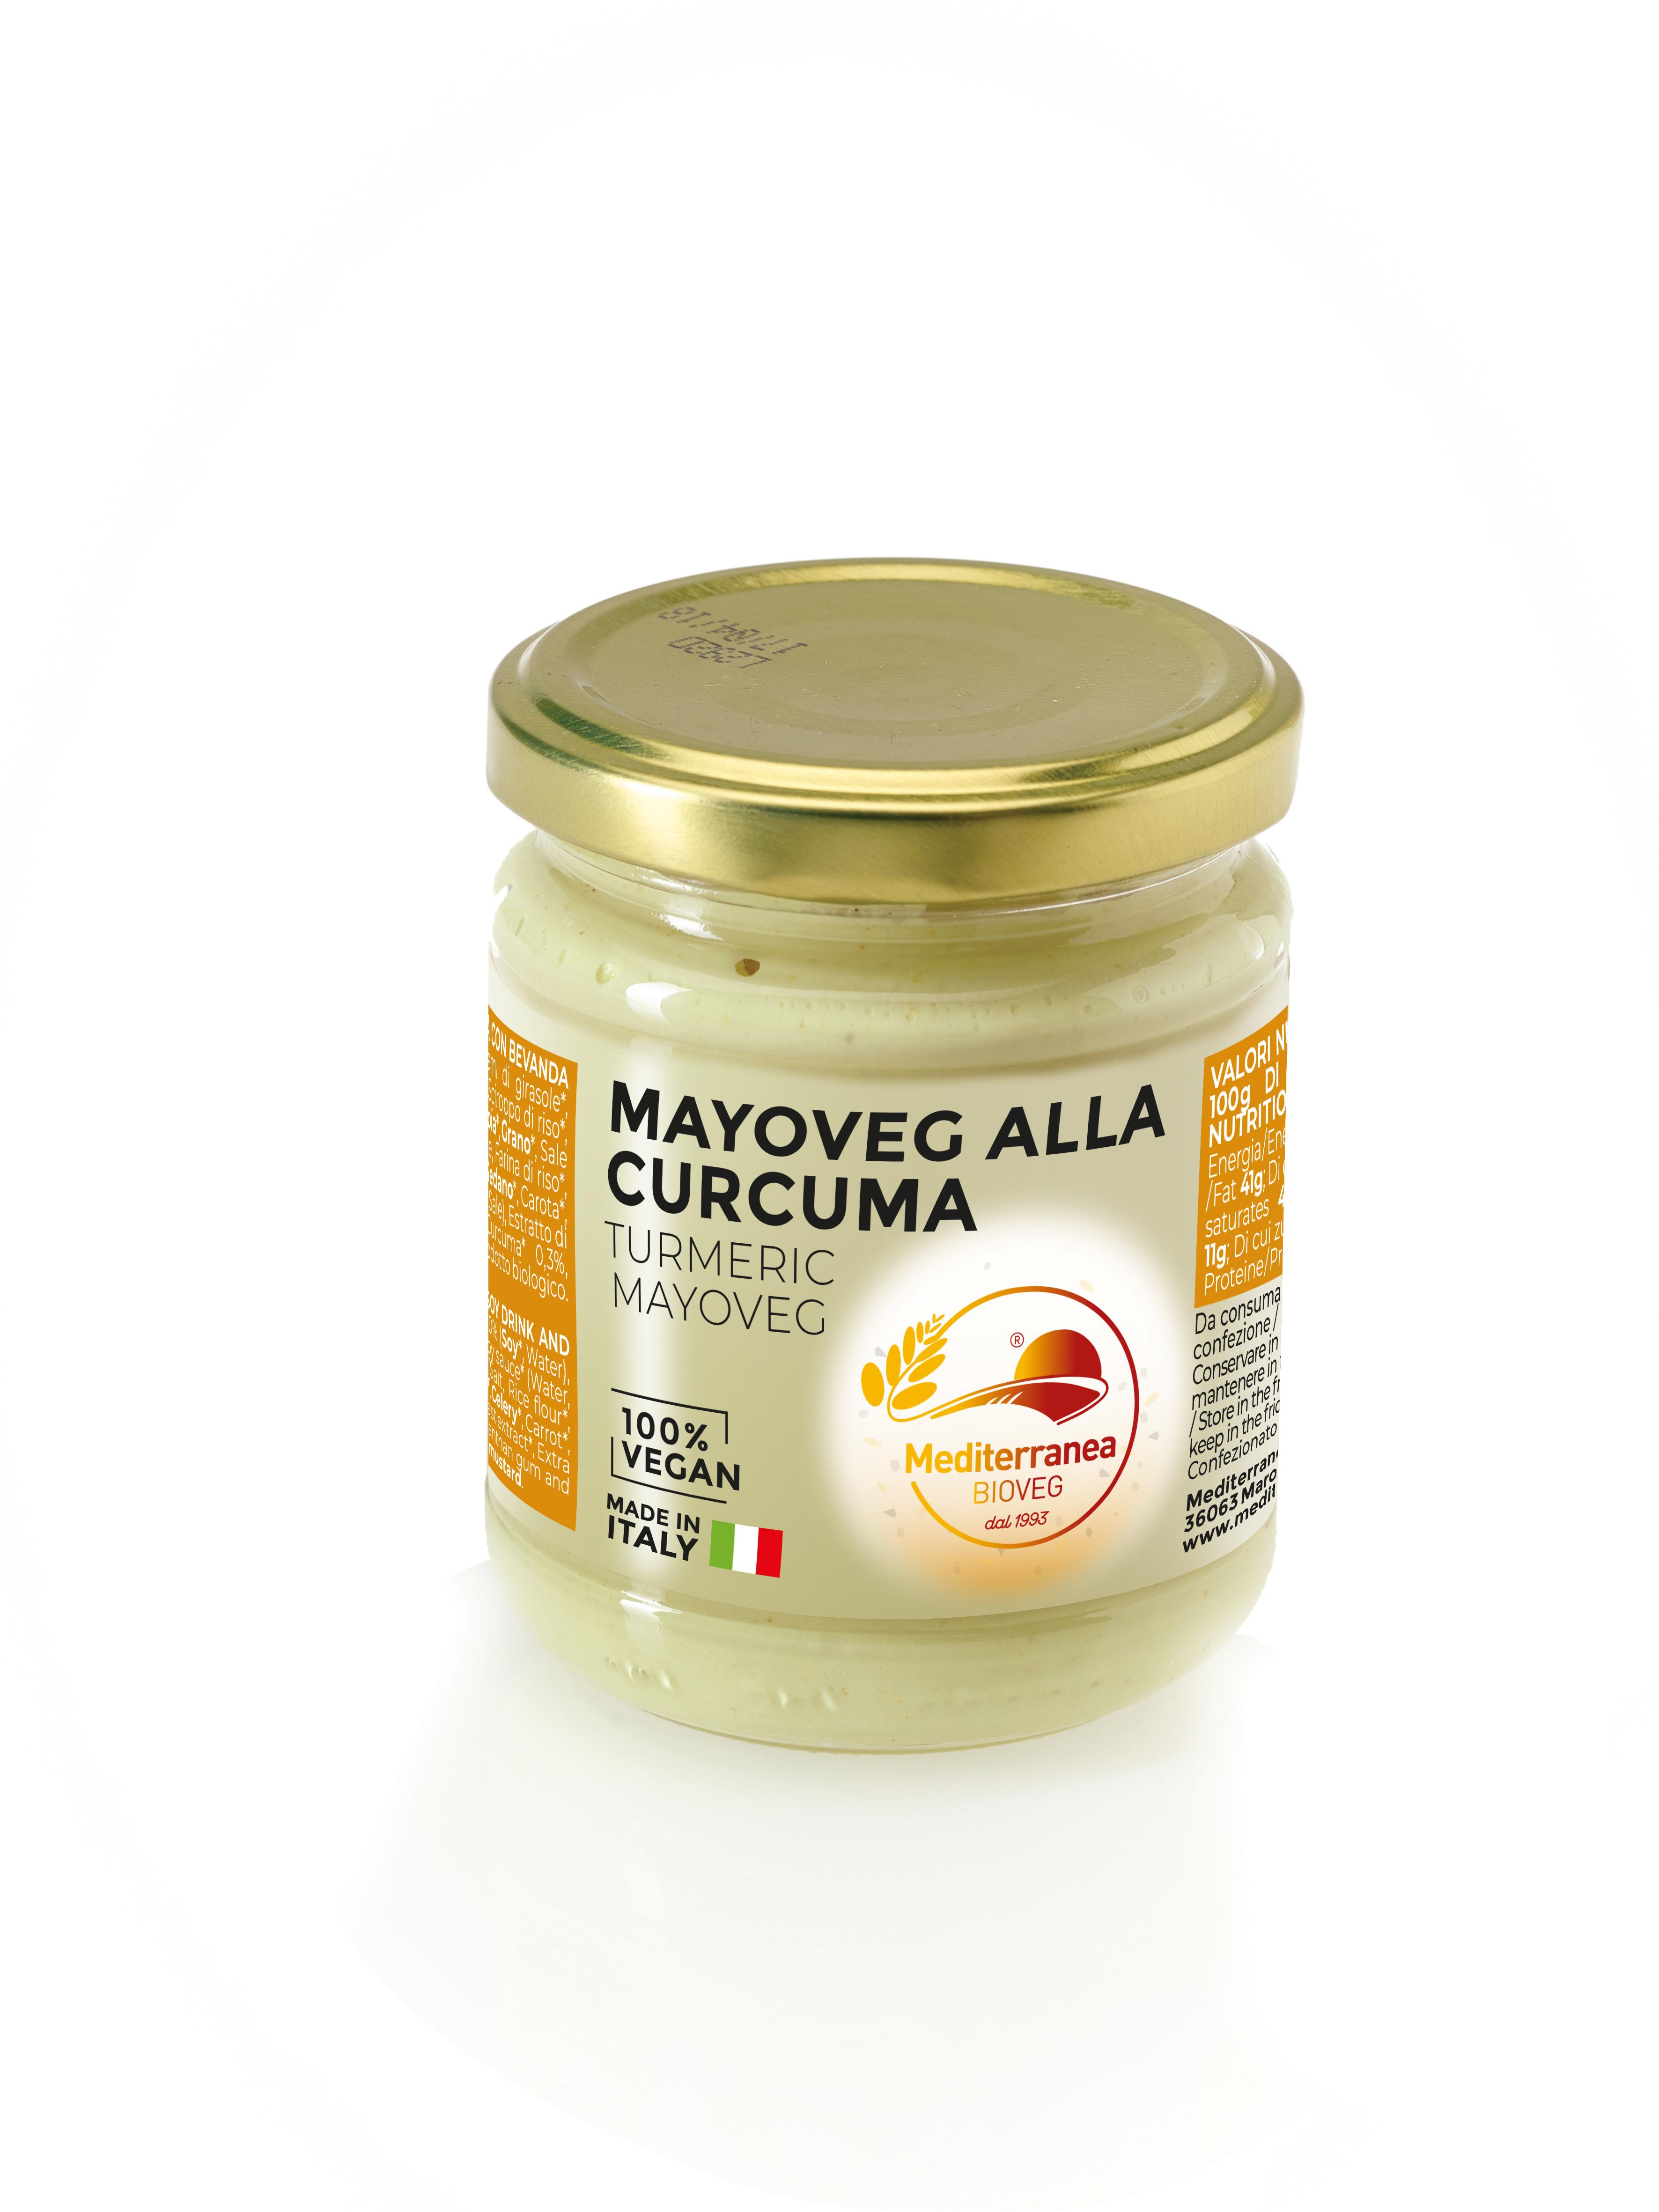 Mayo veg alla curcuma